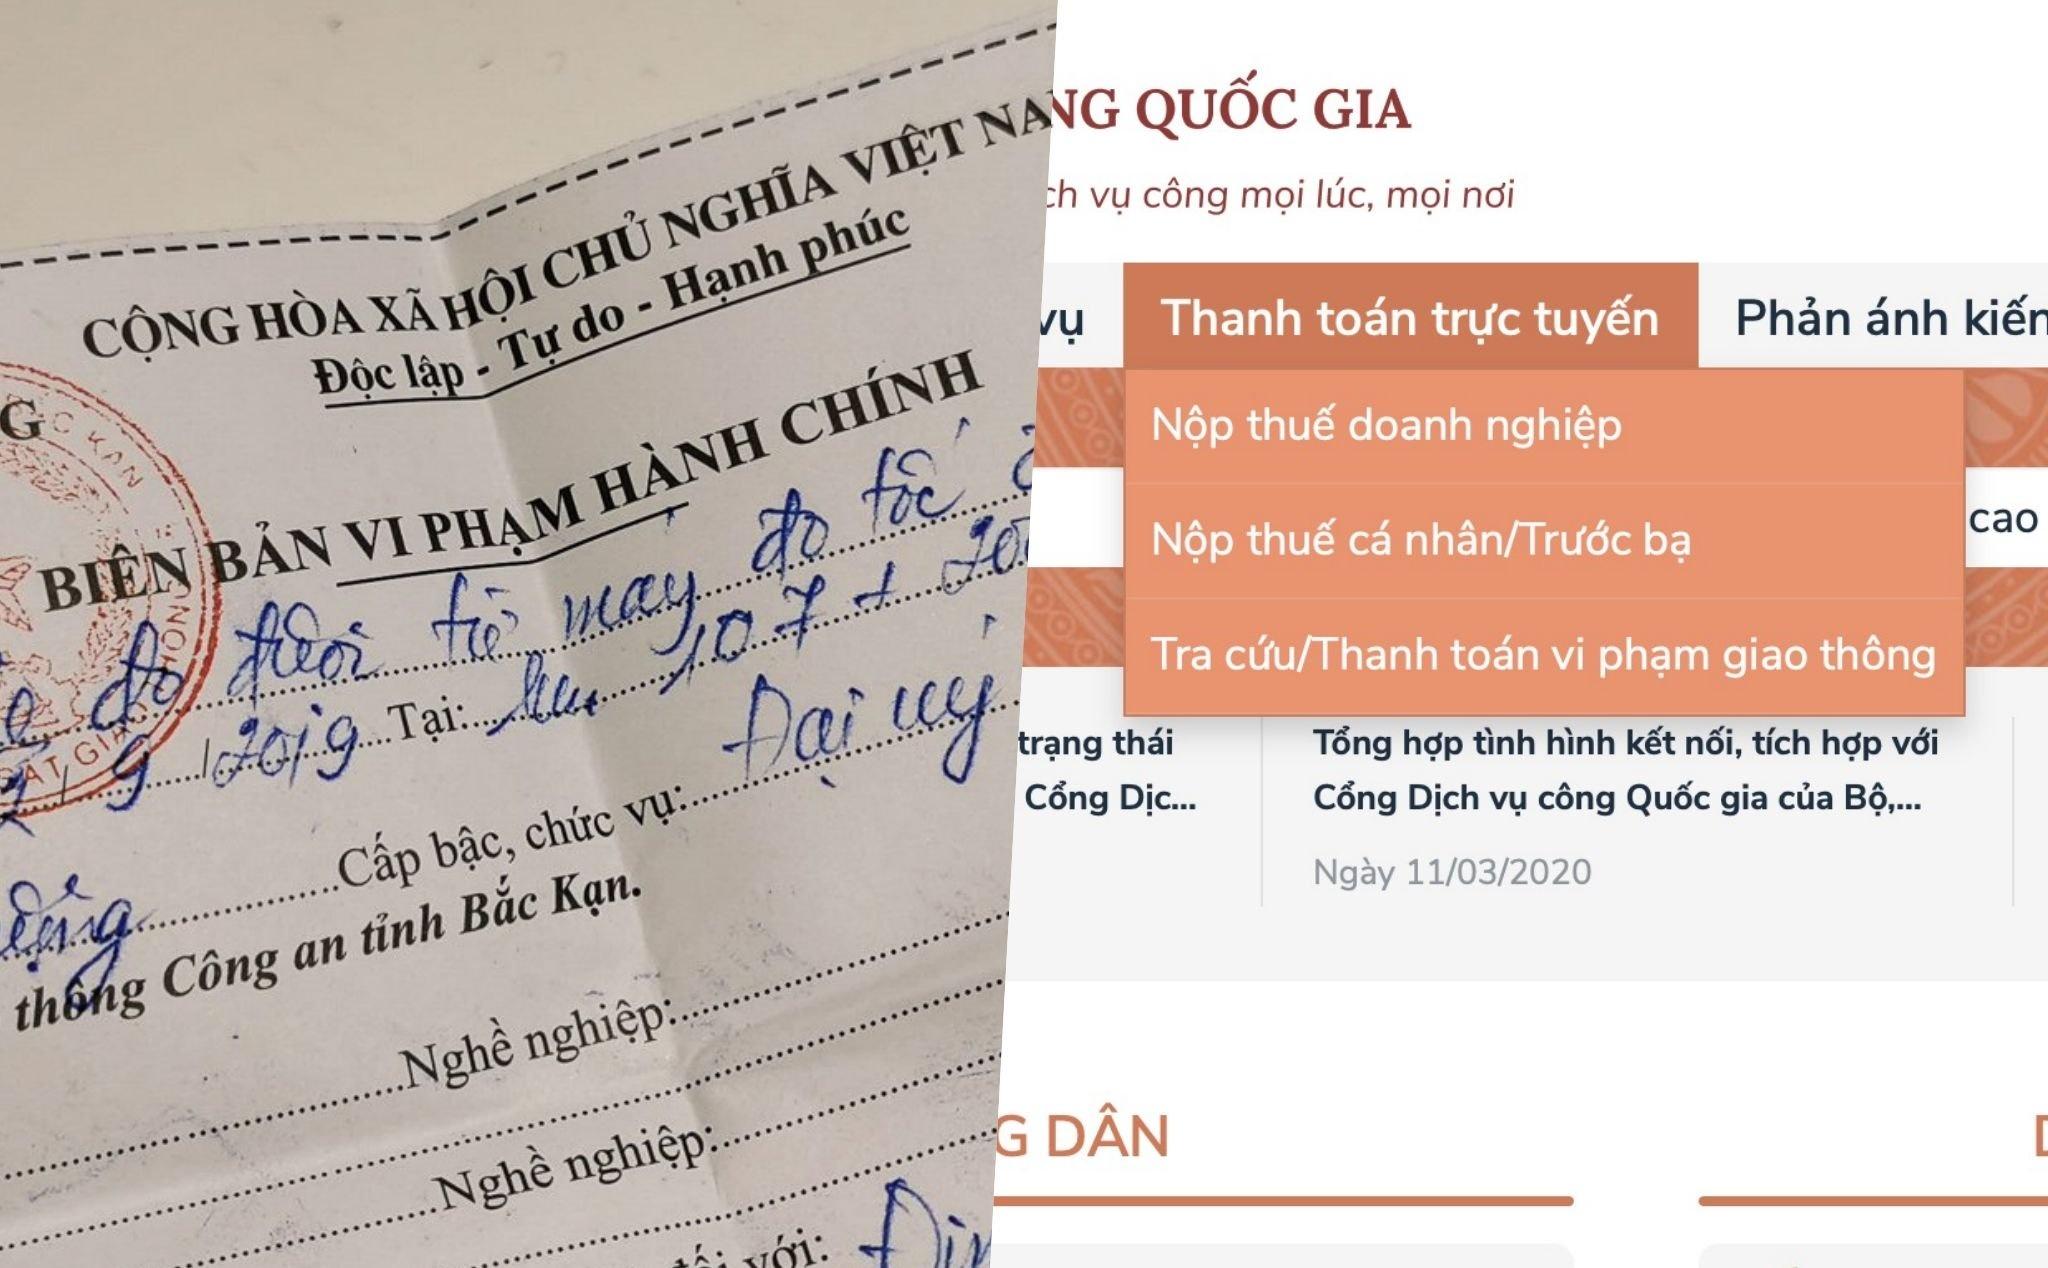 huong dan dong phat online nhan giay tai nha khi vi pham giao thong